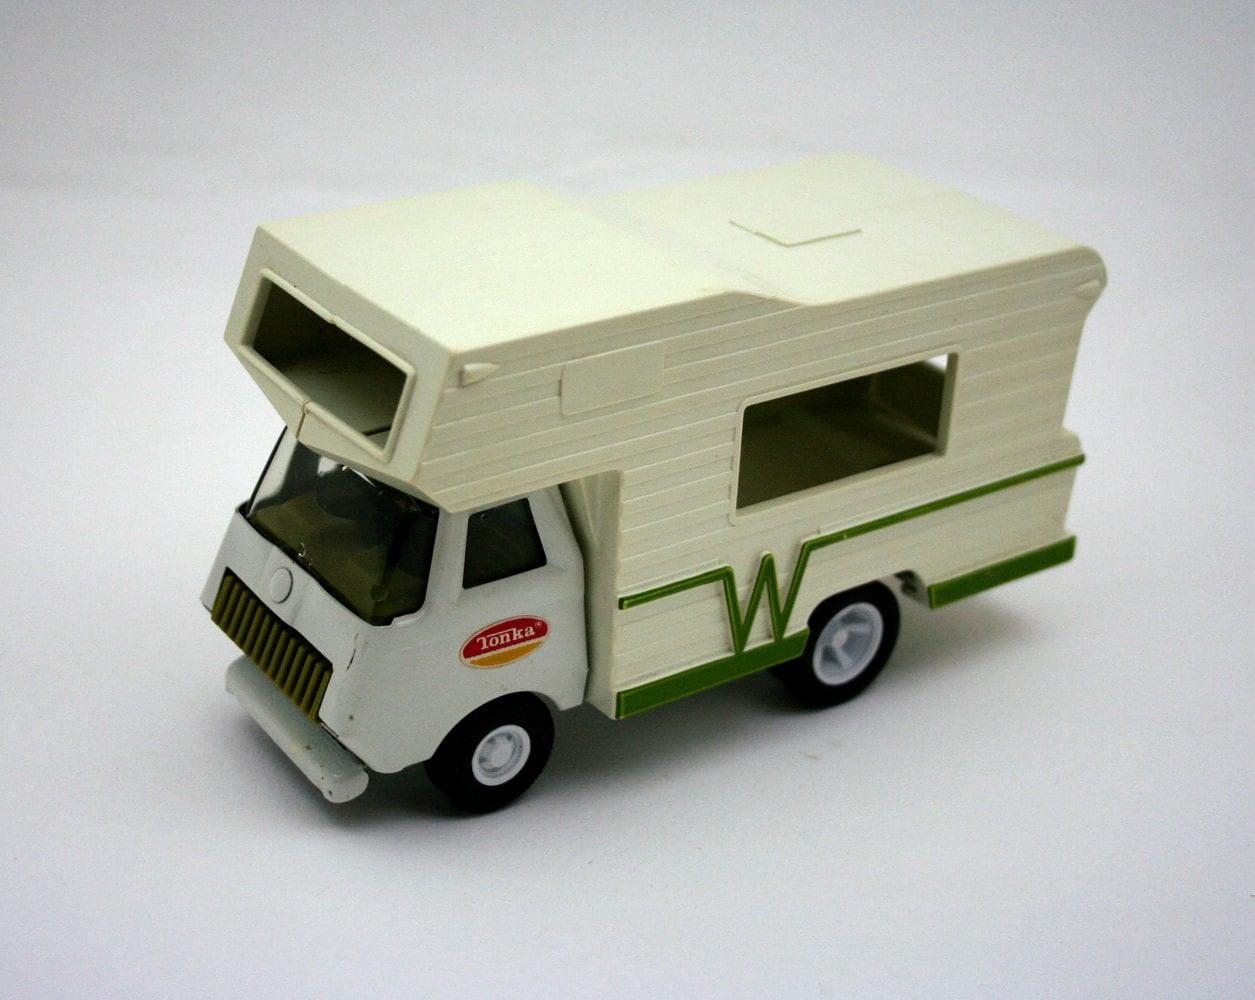 Vintage Tonka Winnebago camper vintage Tonka truck metal